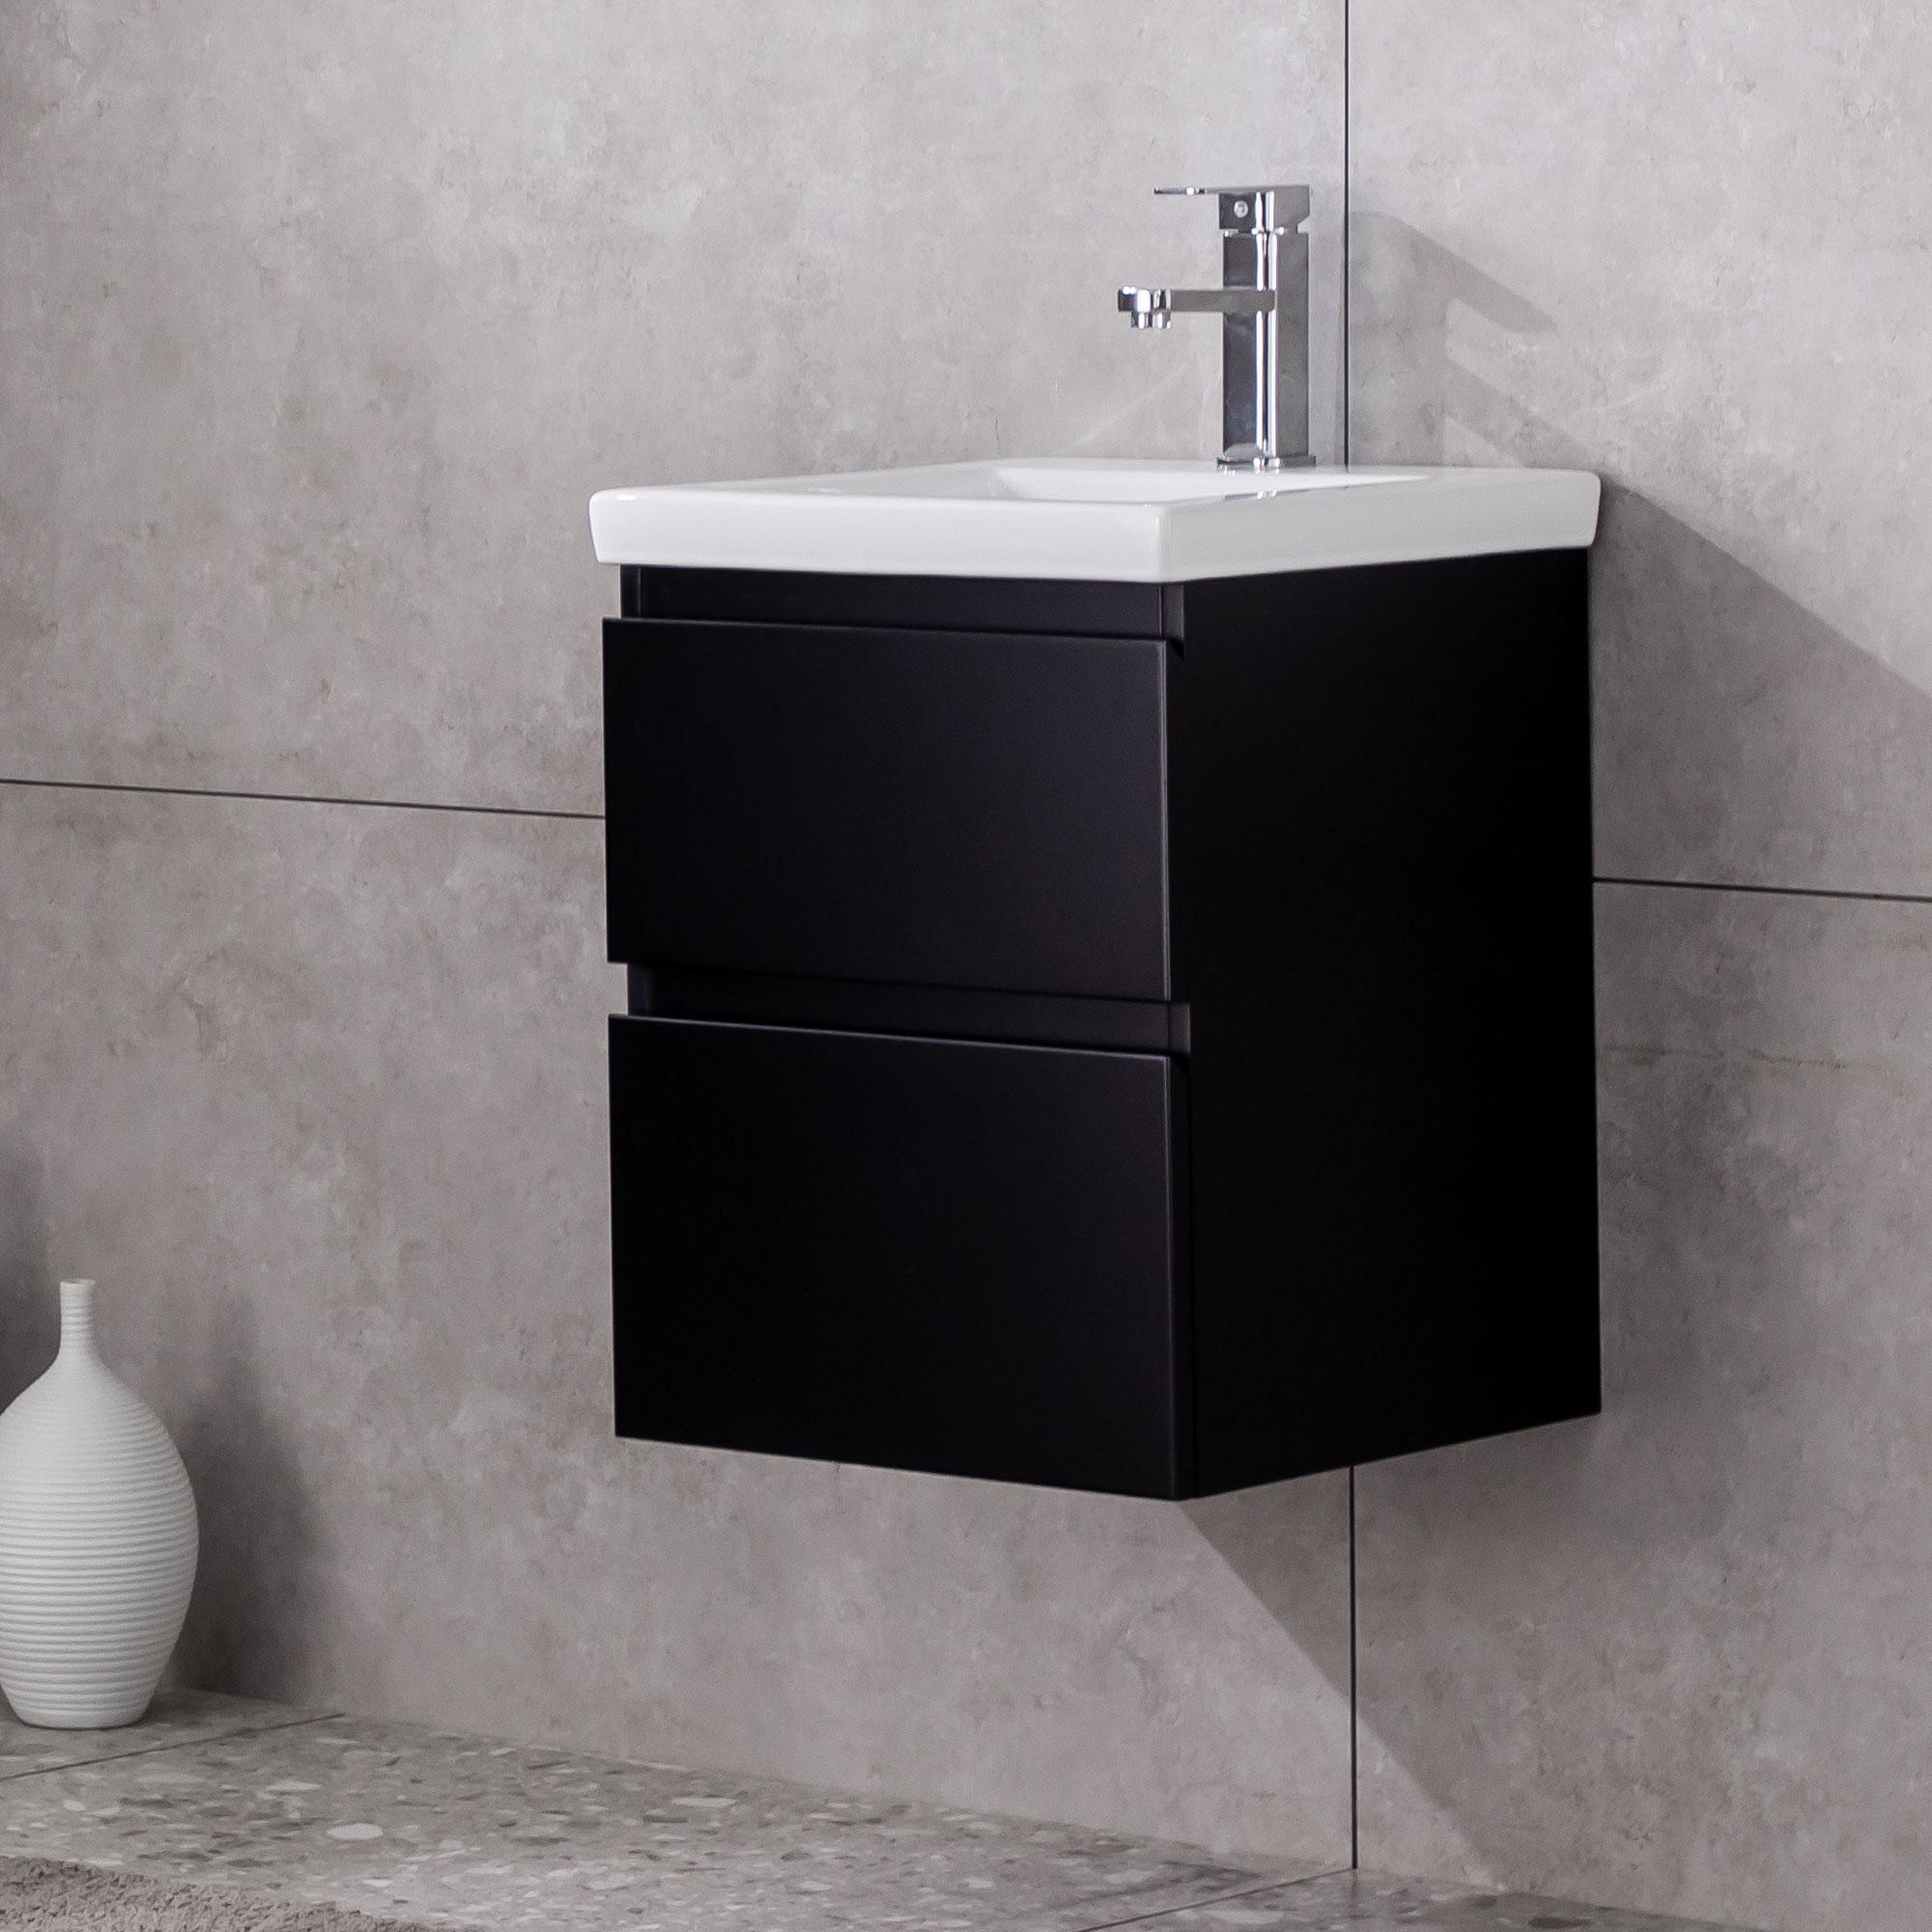 Tvättställsskåp Bathlife Eufori Small Svart